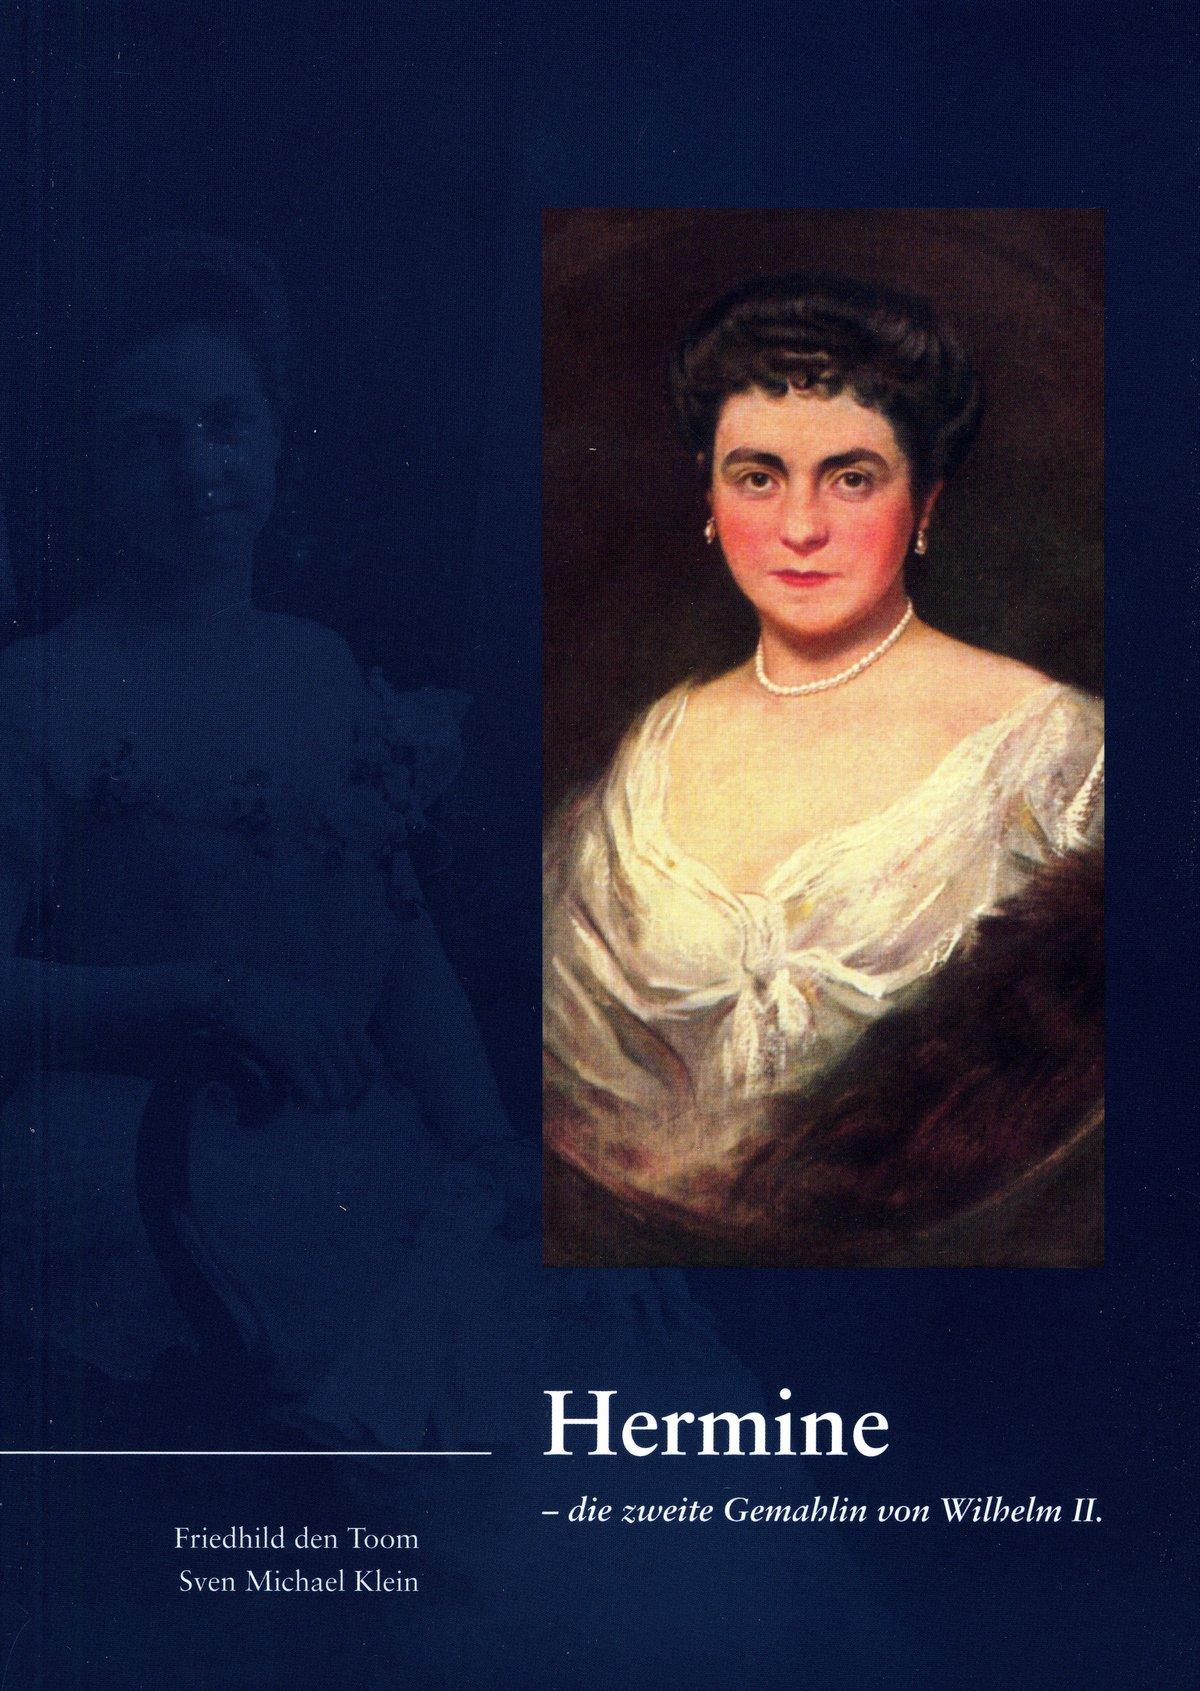 """Das Bild zeigt das Cover der Broschüre """"Hermine - die zweite Gemahlin von Wilhelm II."""""""